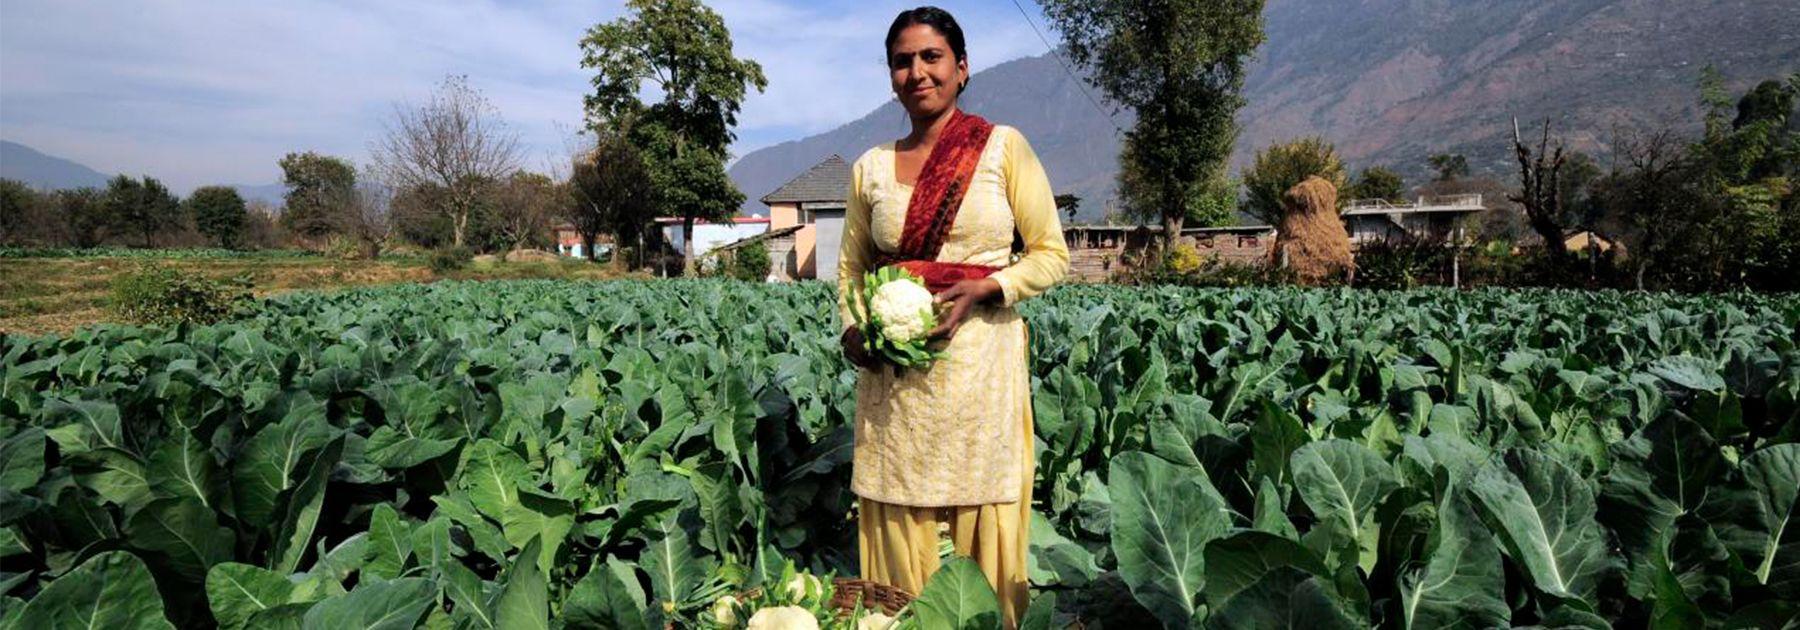 A farmer harvests this season's cauliflower crop near Kullu town. (Neil Palmer (CIAT), licensed under CC BY-SA 2.0)